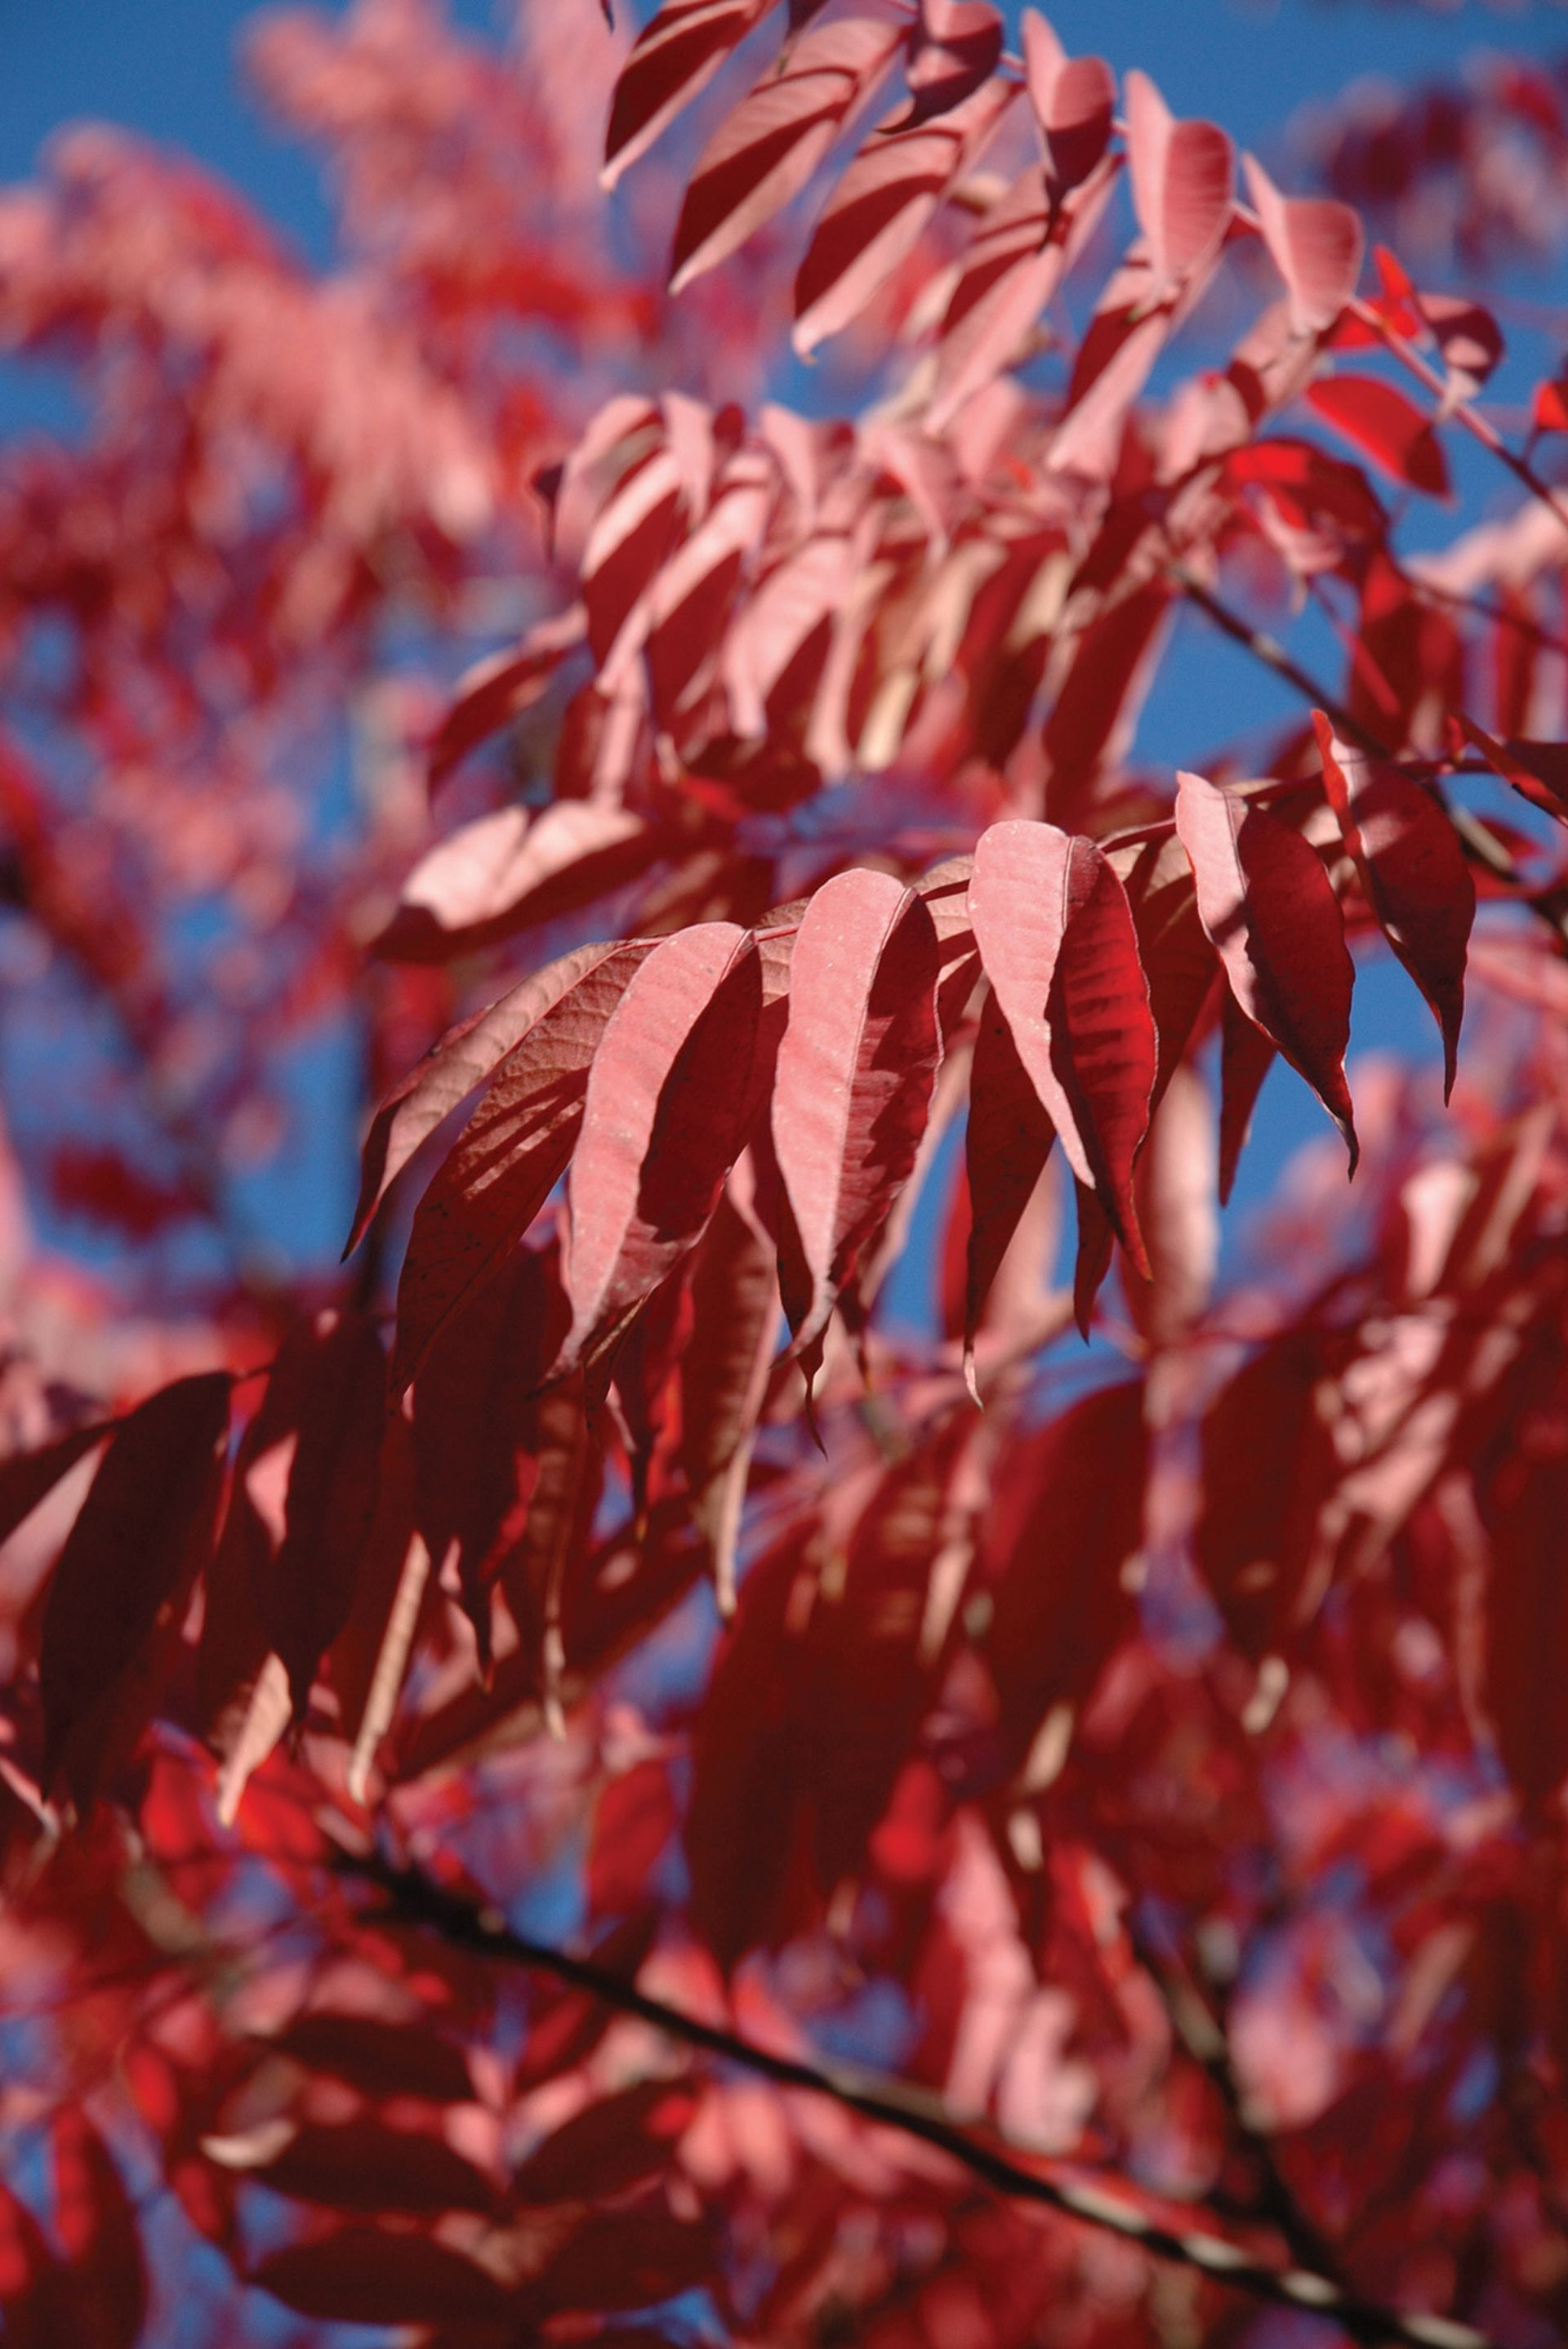 Los Rhus succedanea se distinguen porque tienen los folíolos de las hojas lisos, no aserrados. Los problemas que causan pueden ser serios, en especial para quienes son proclives a las alergias.